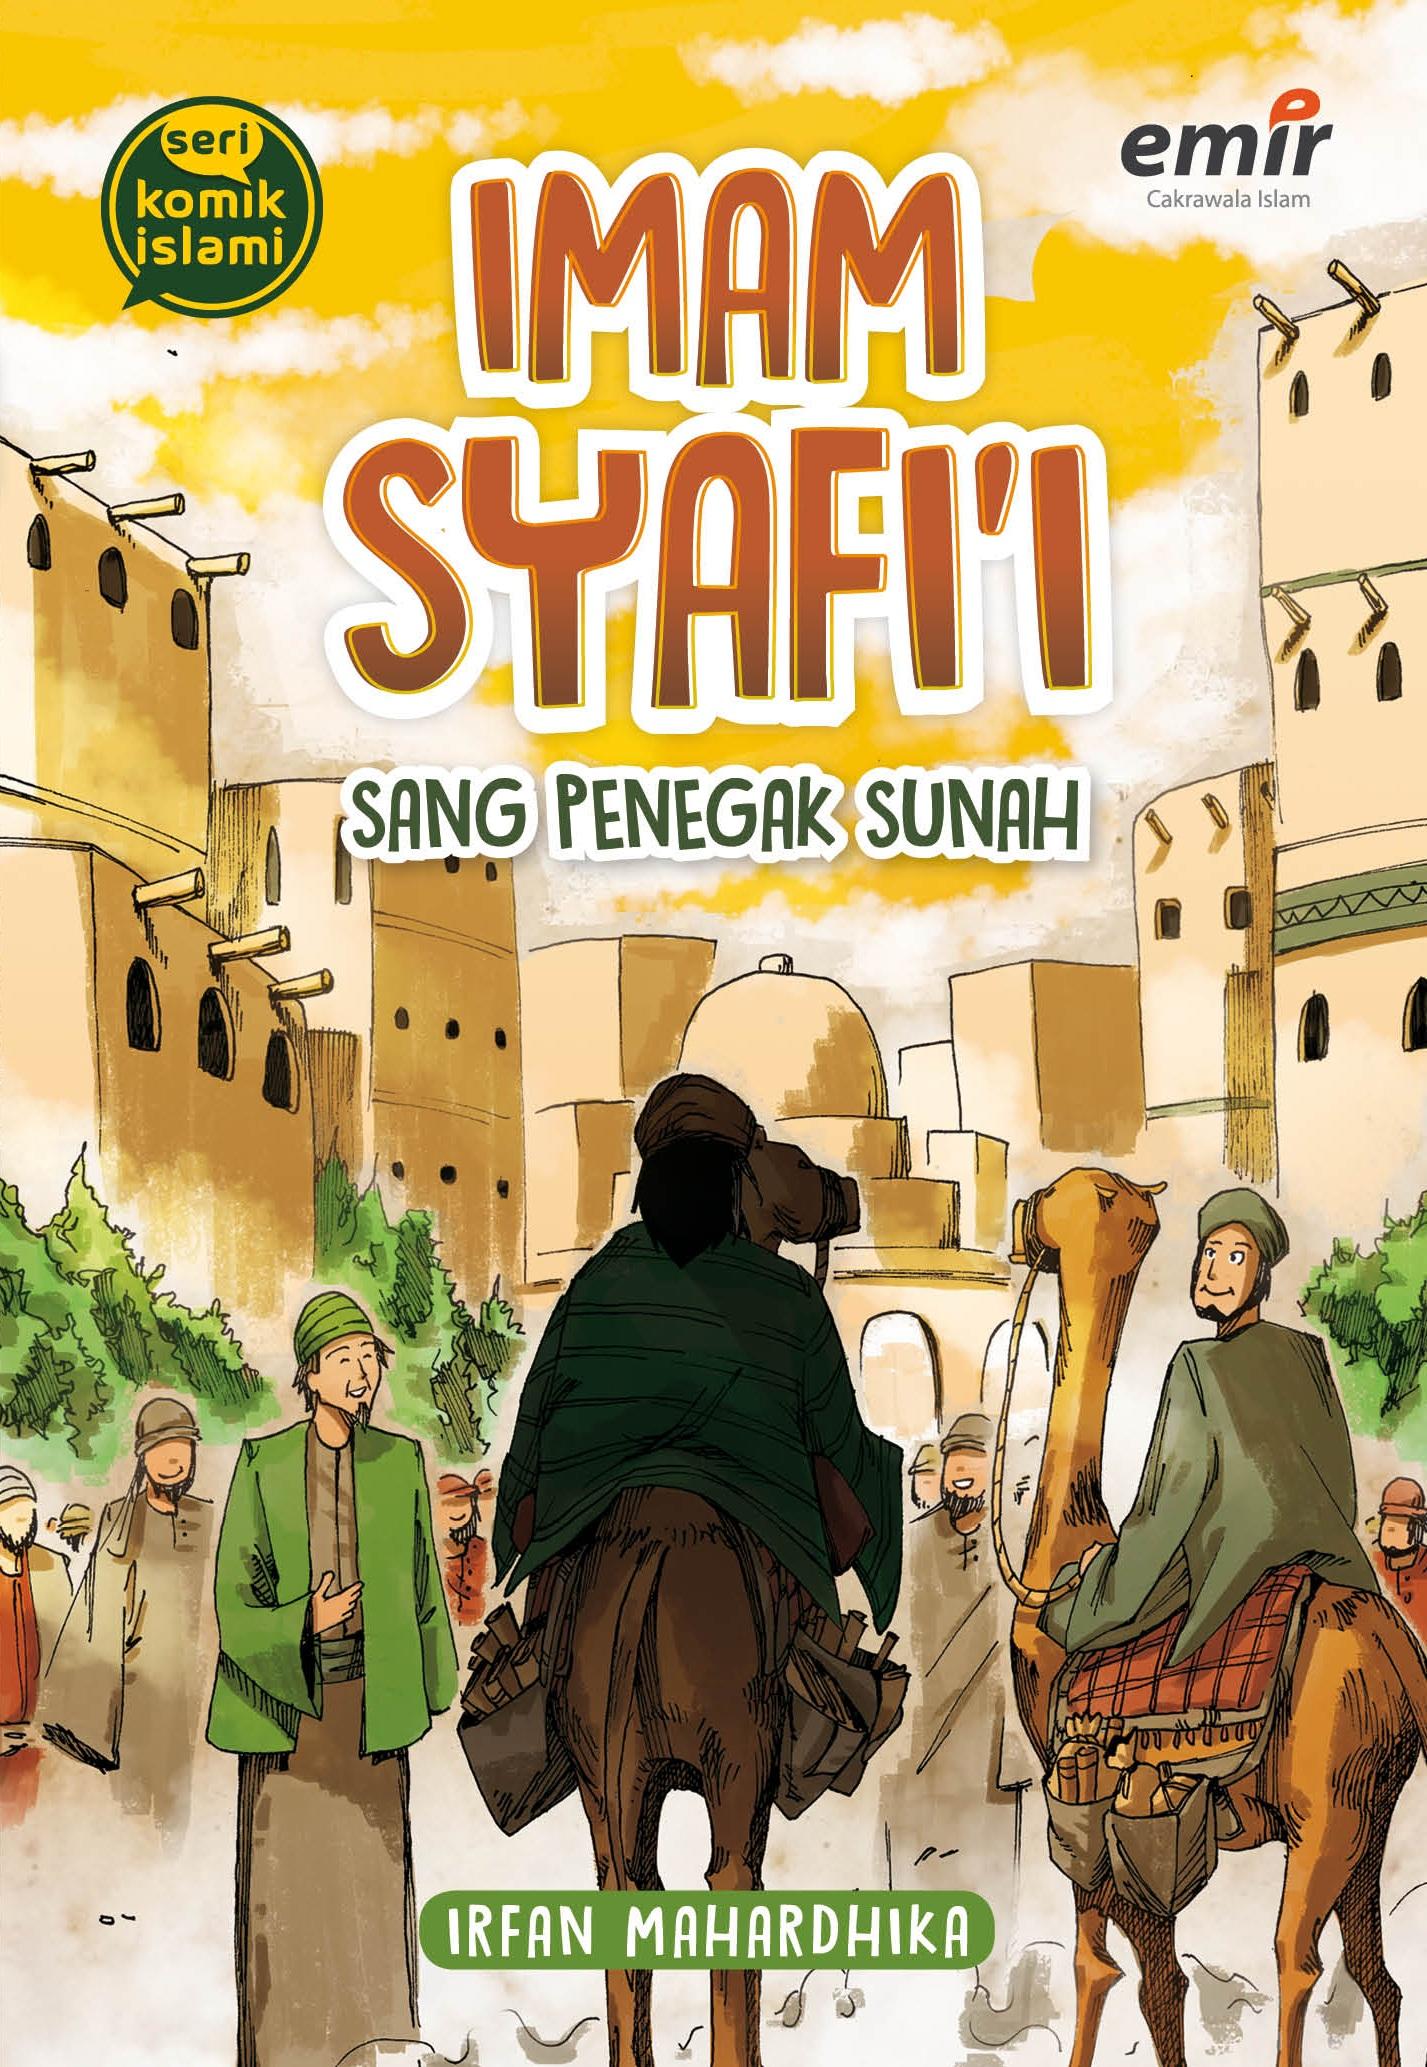 Imam Syafi'i Sang Penegak Sunah